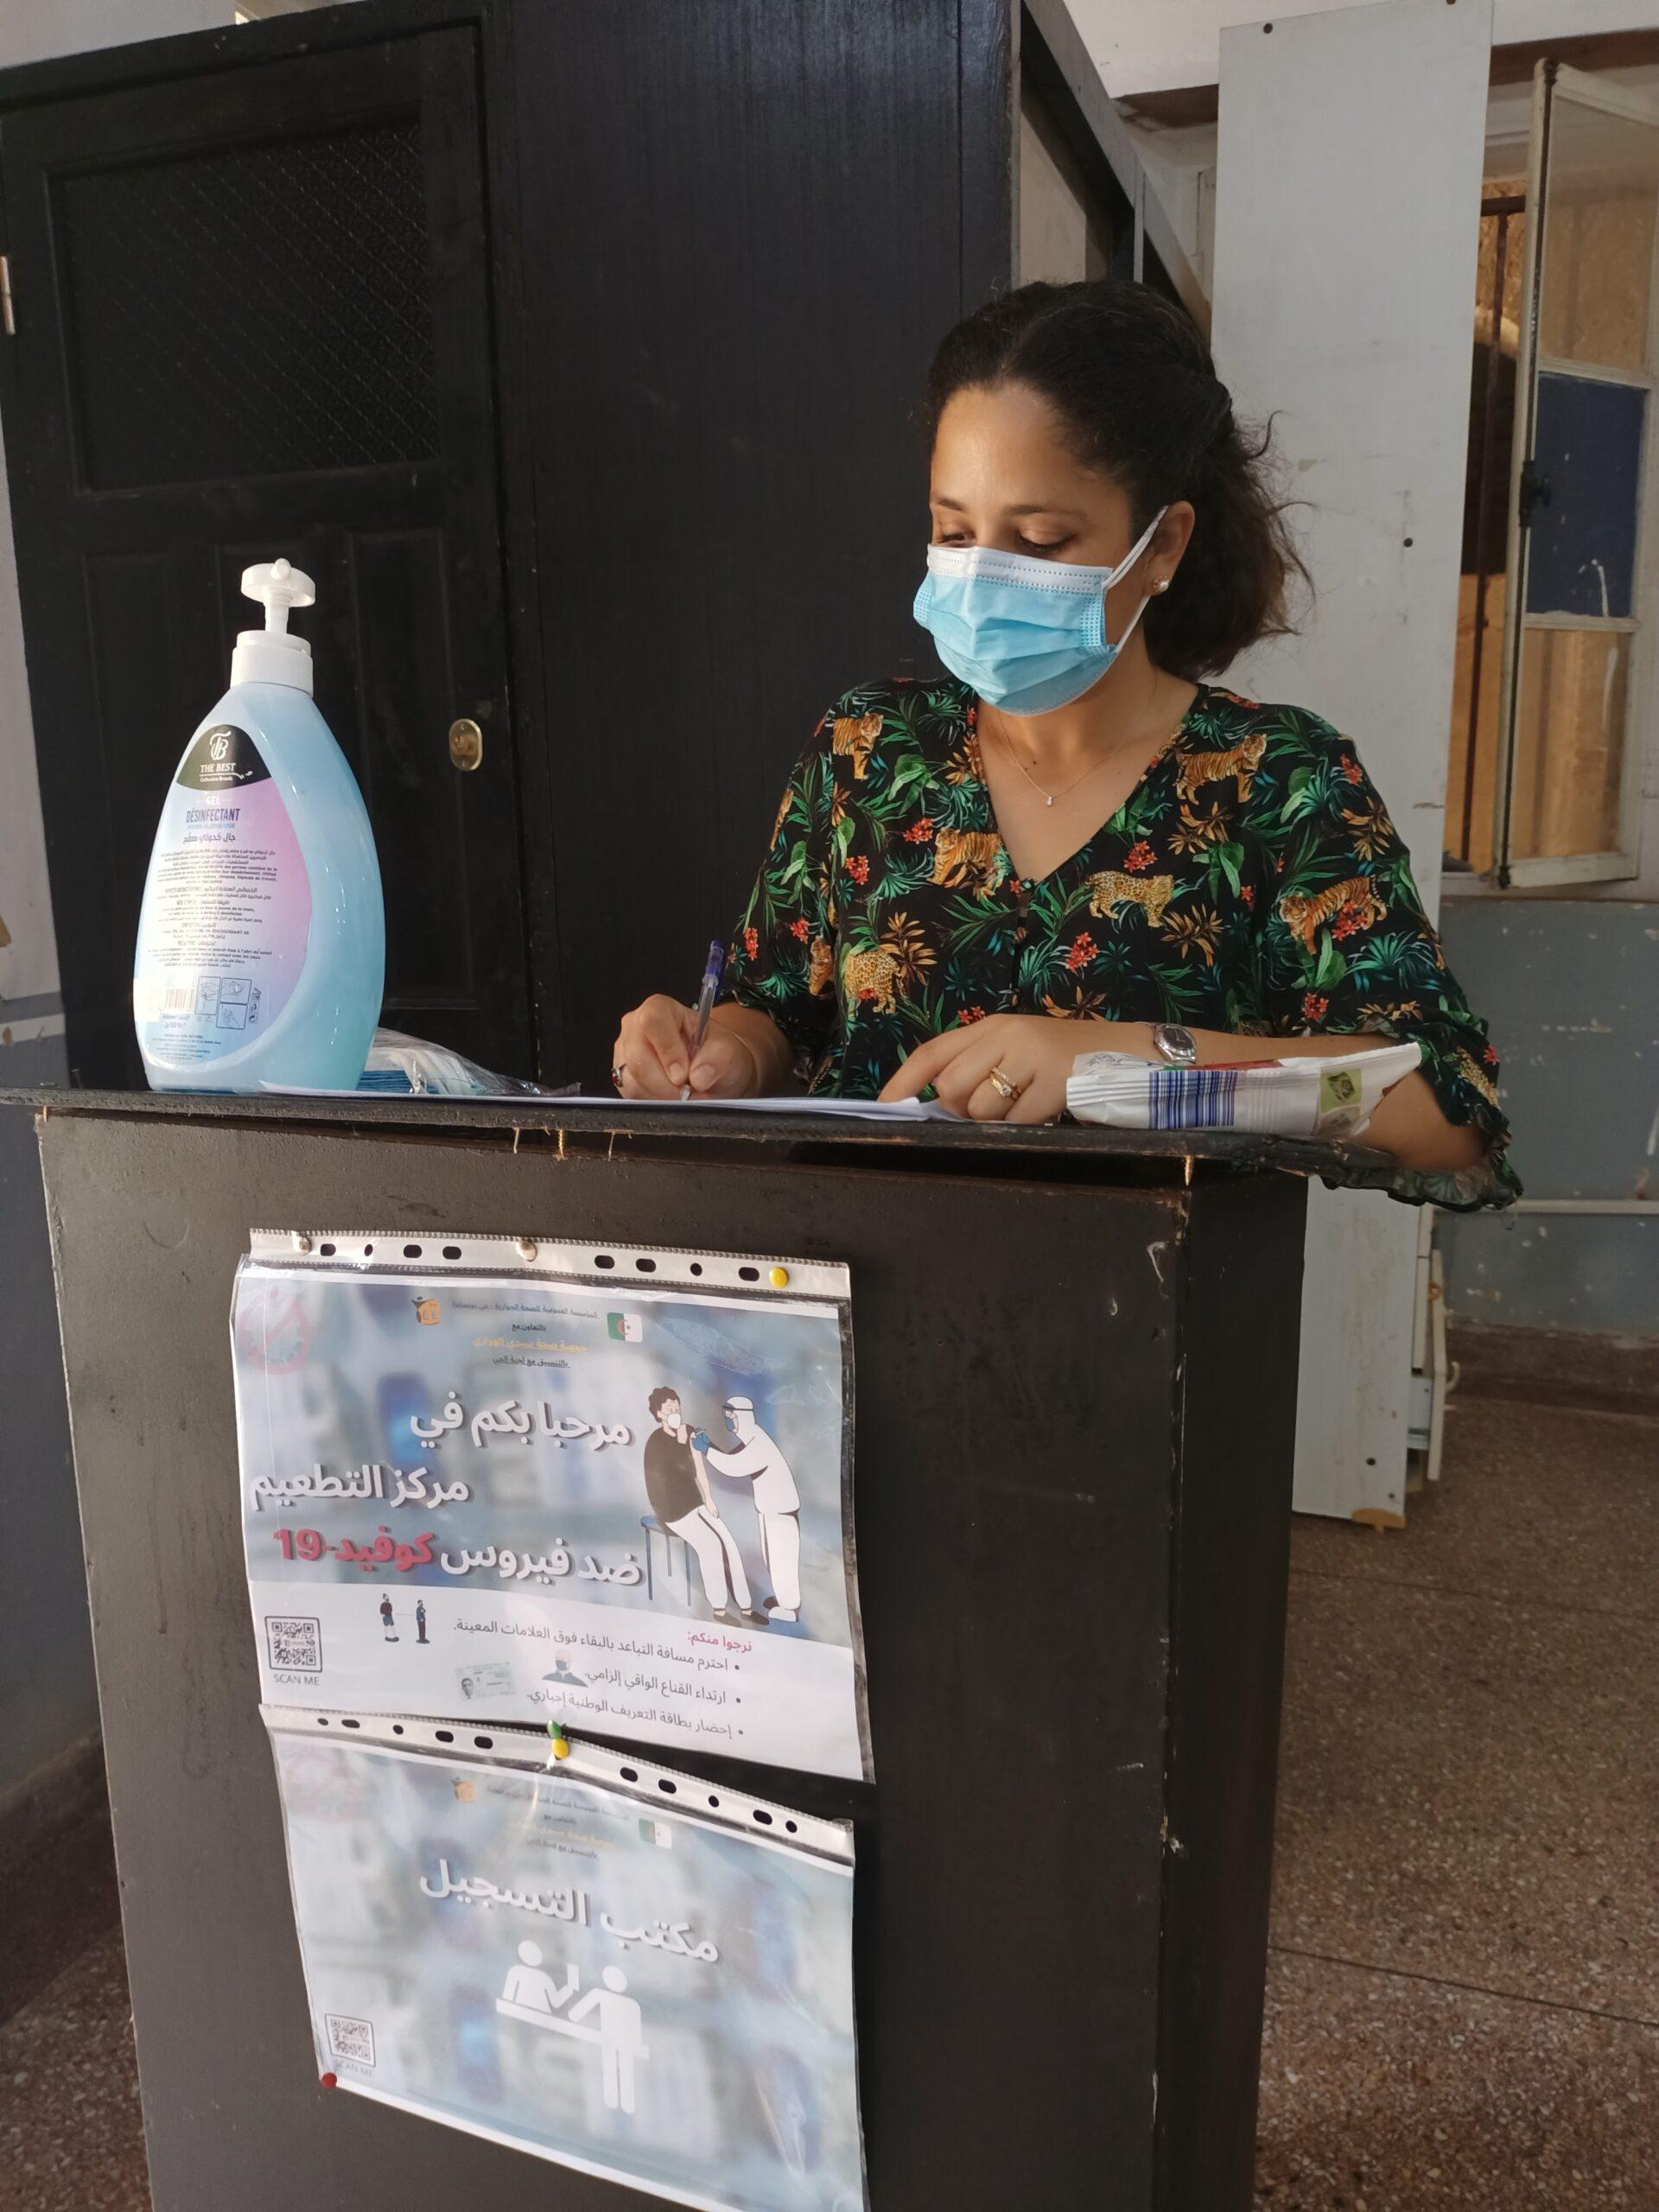 L'association Santé Sidi El Houari organise une campagne de vaccination contre le covid19.